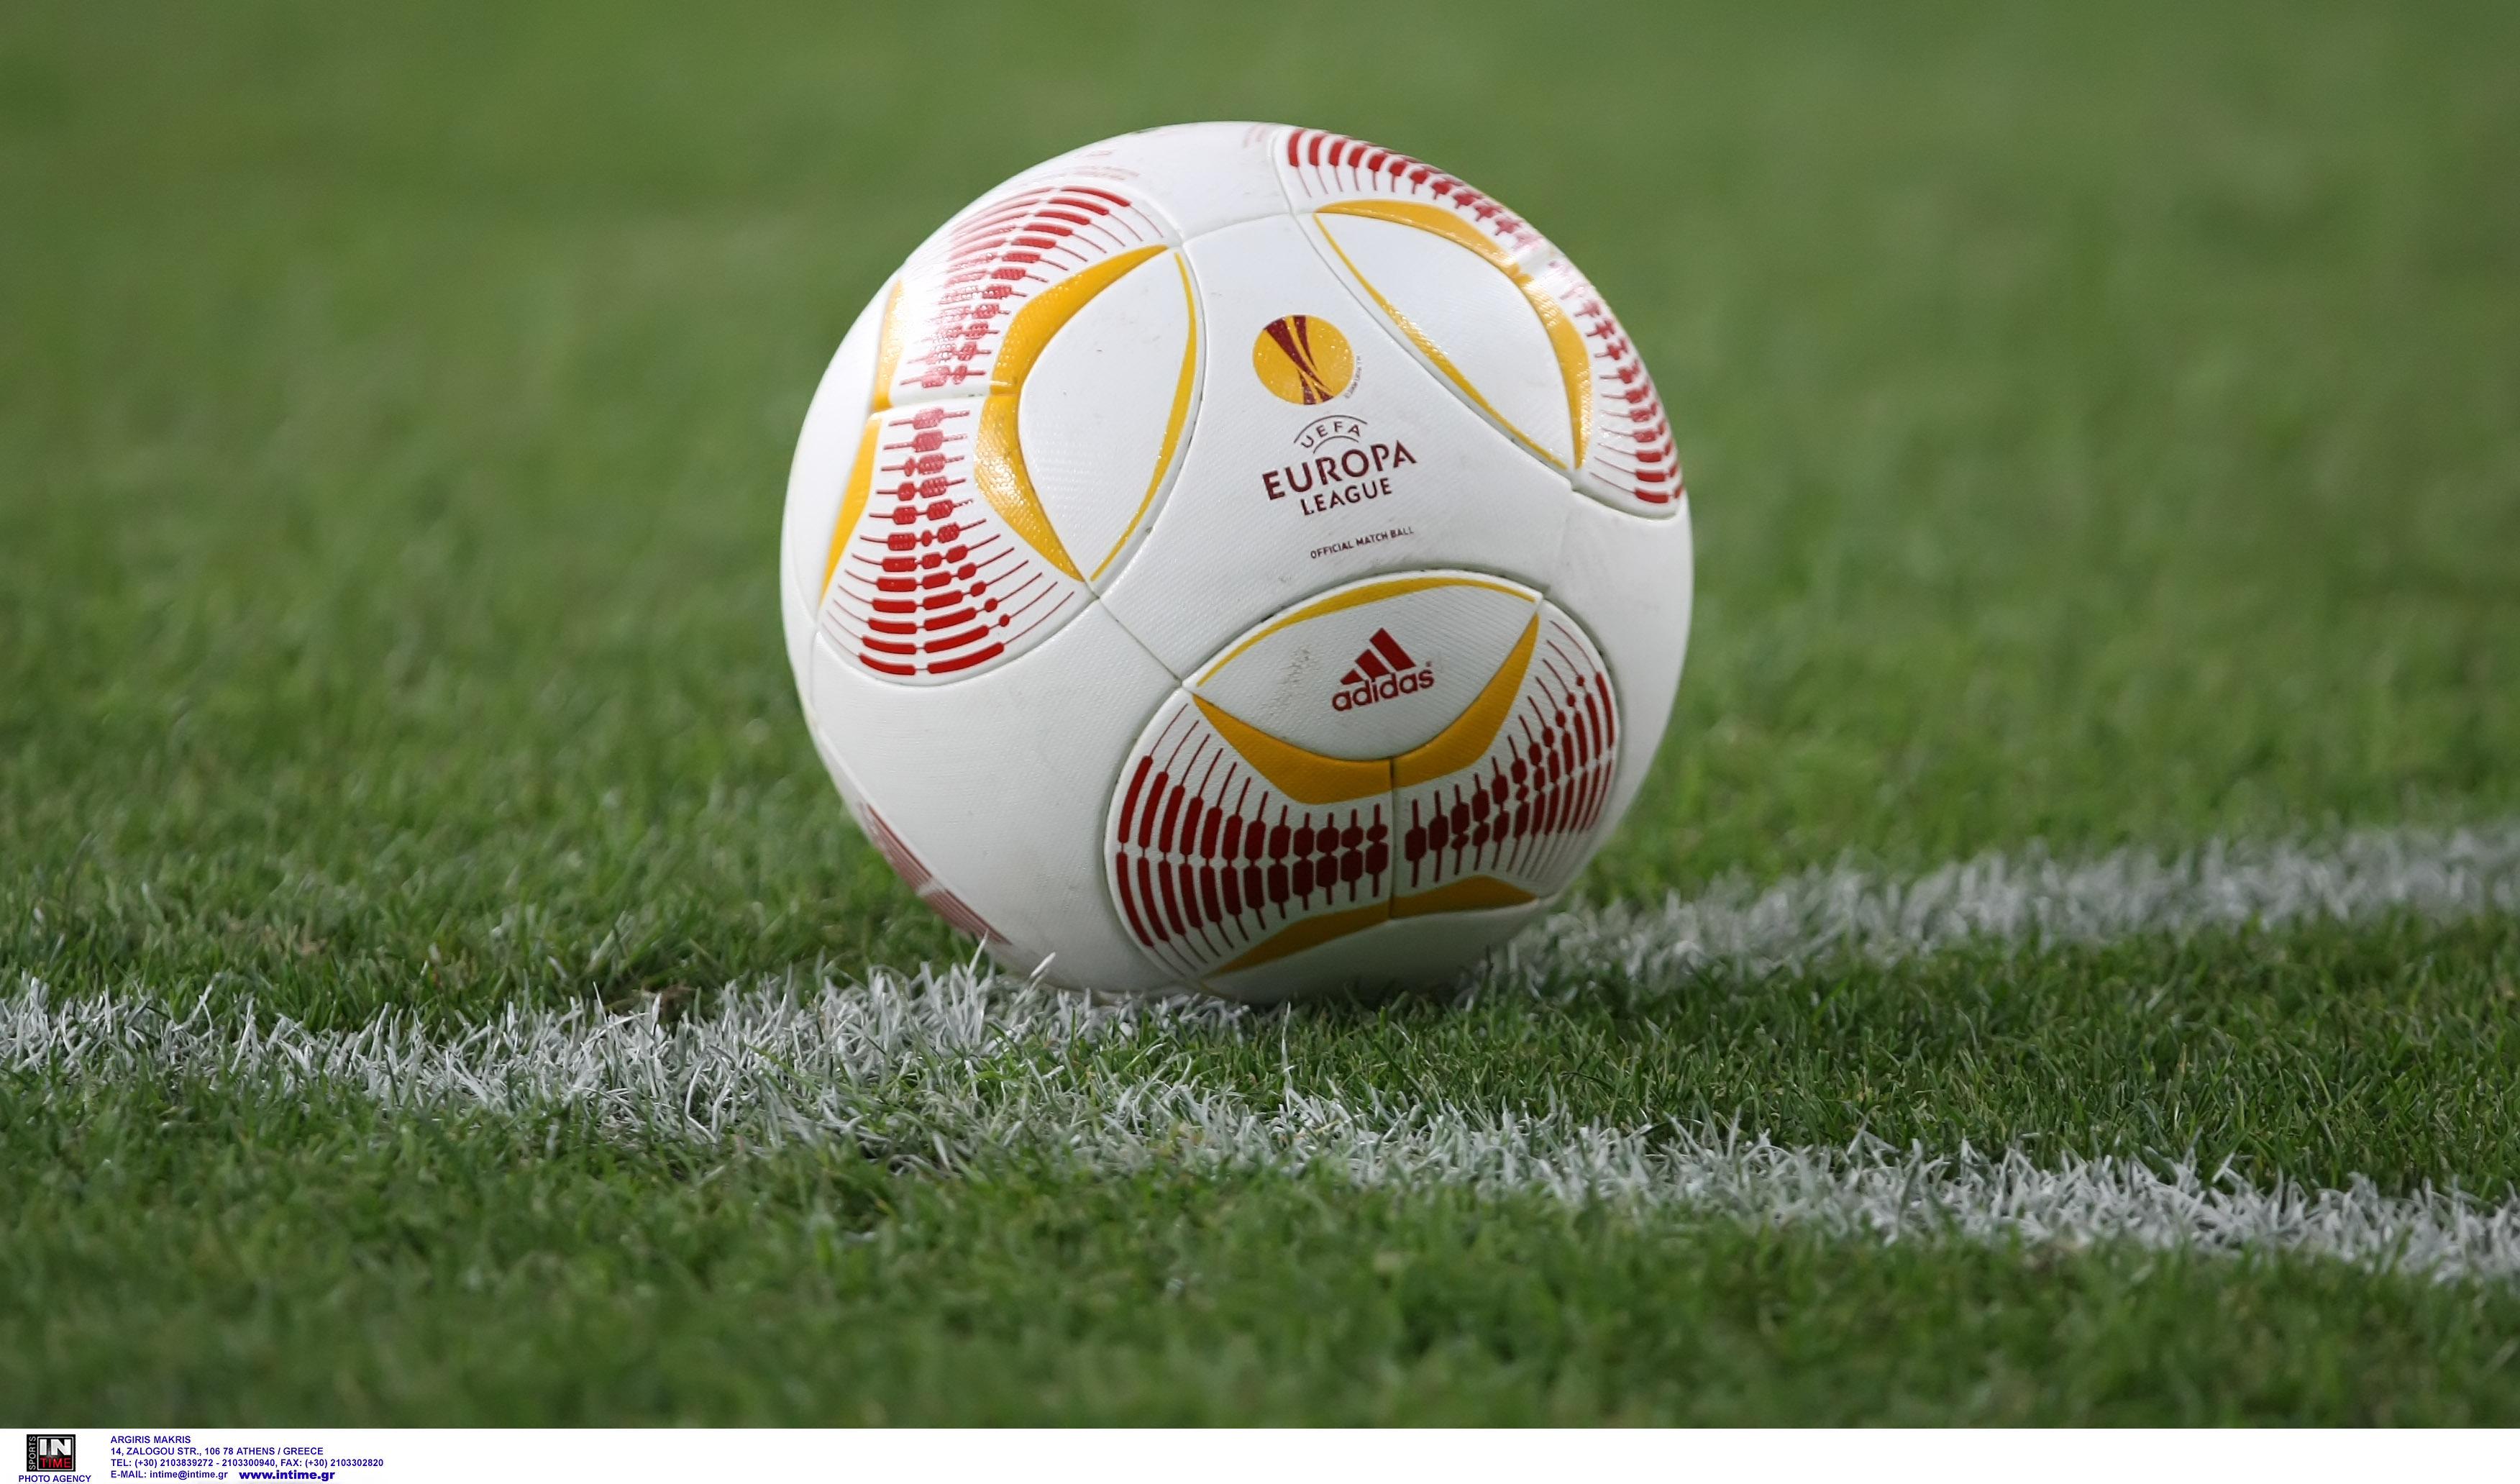 Europa League: Οπαδοί της Ρέιντζερς έβαψαν με υβριστικά συνθήματα το πούλμαν της Λιόν